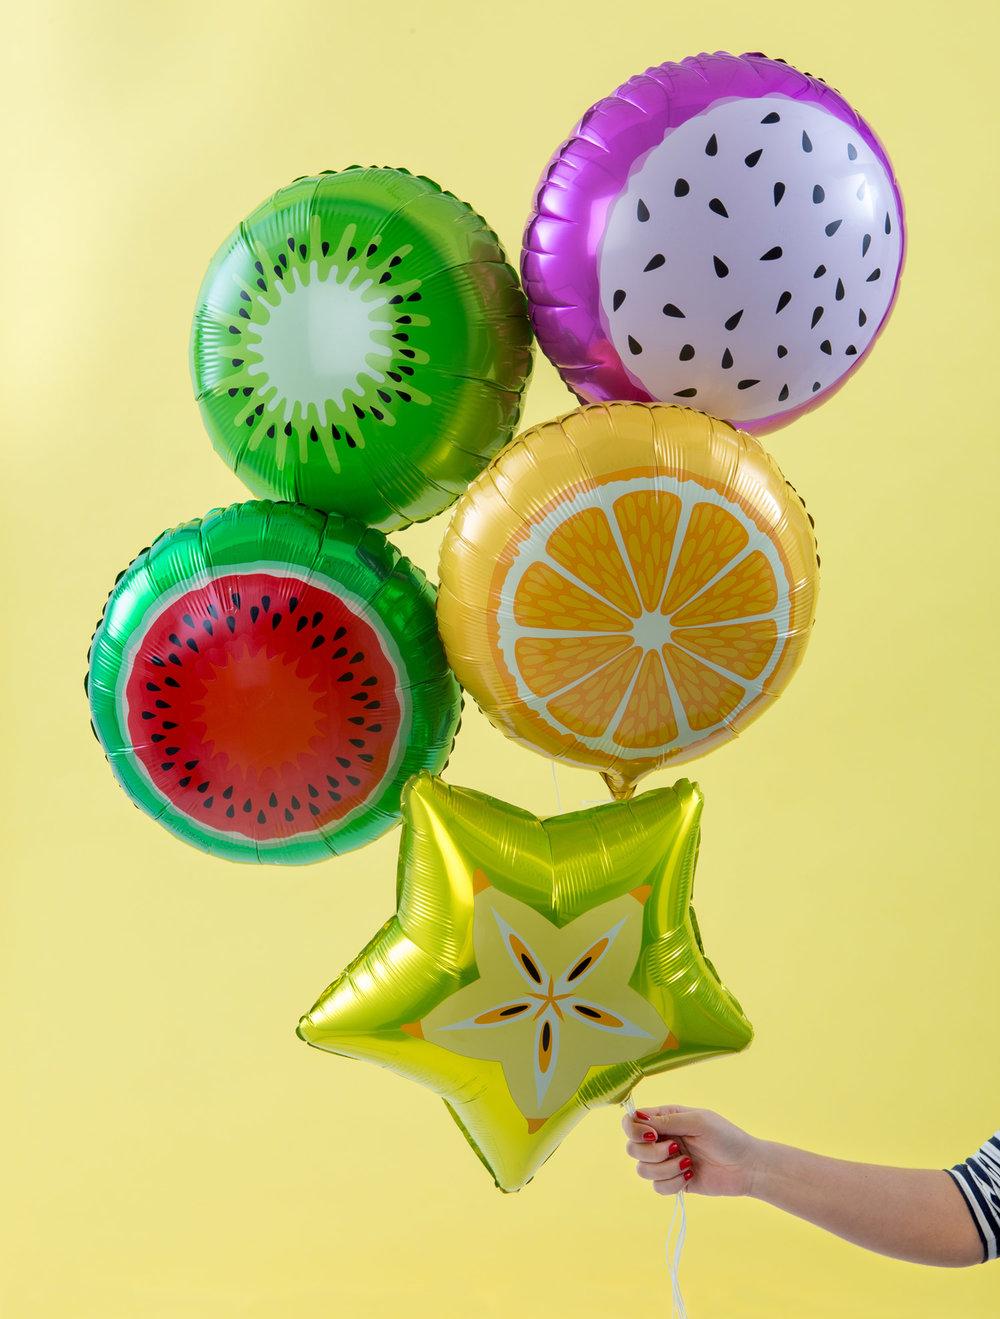 Copy of Vitaminkicka partyt med våra fruktballonger